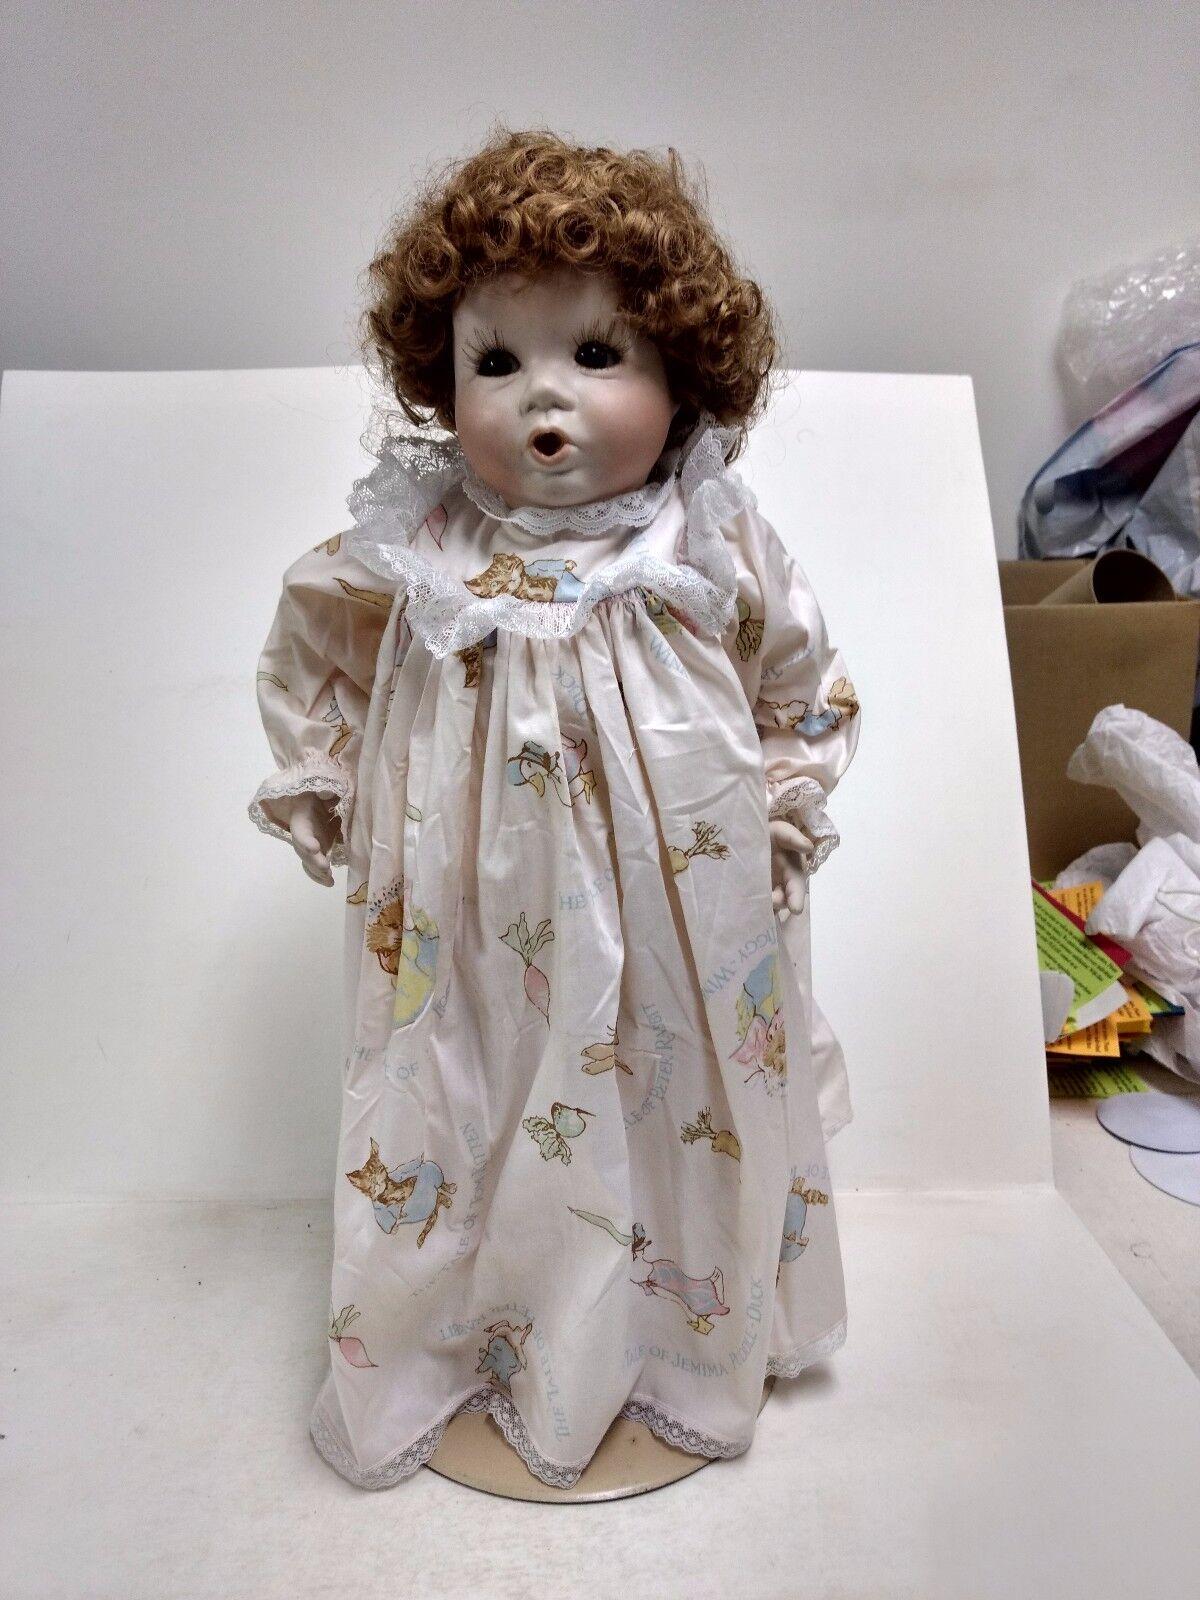 Porzellan Wunderschöne ROT Head Puppe mit Ständer Brunette Kinderlied Kleid